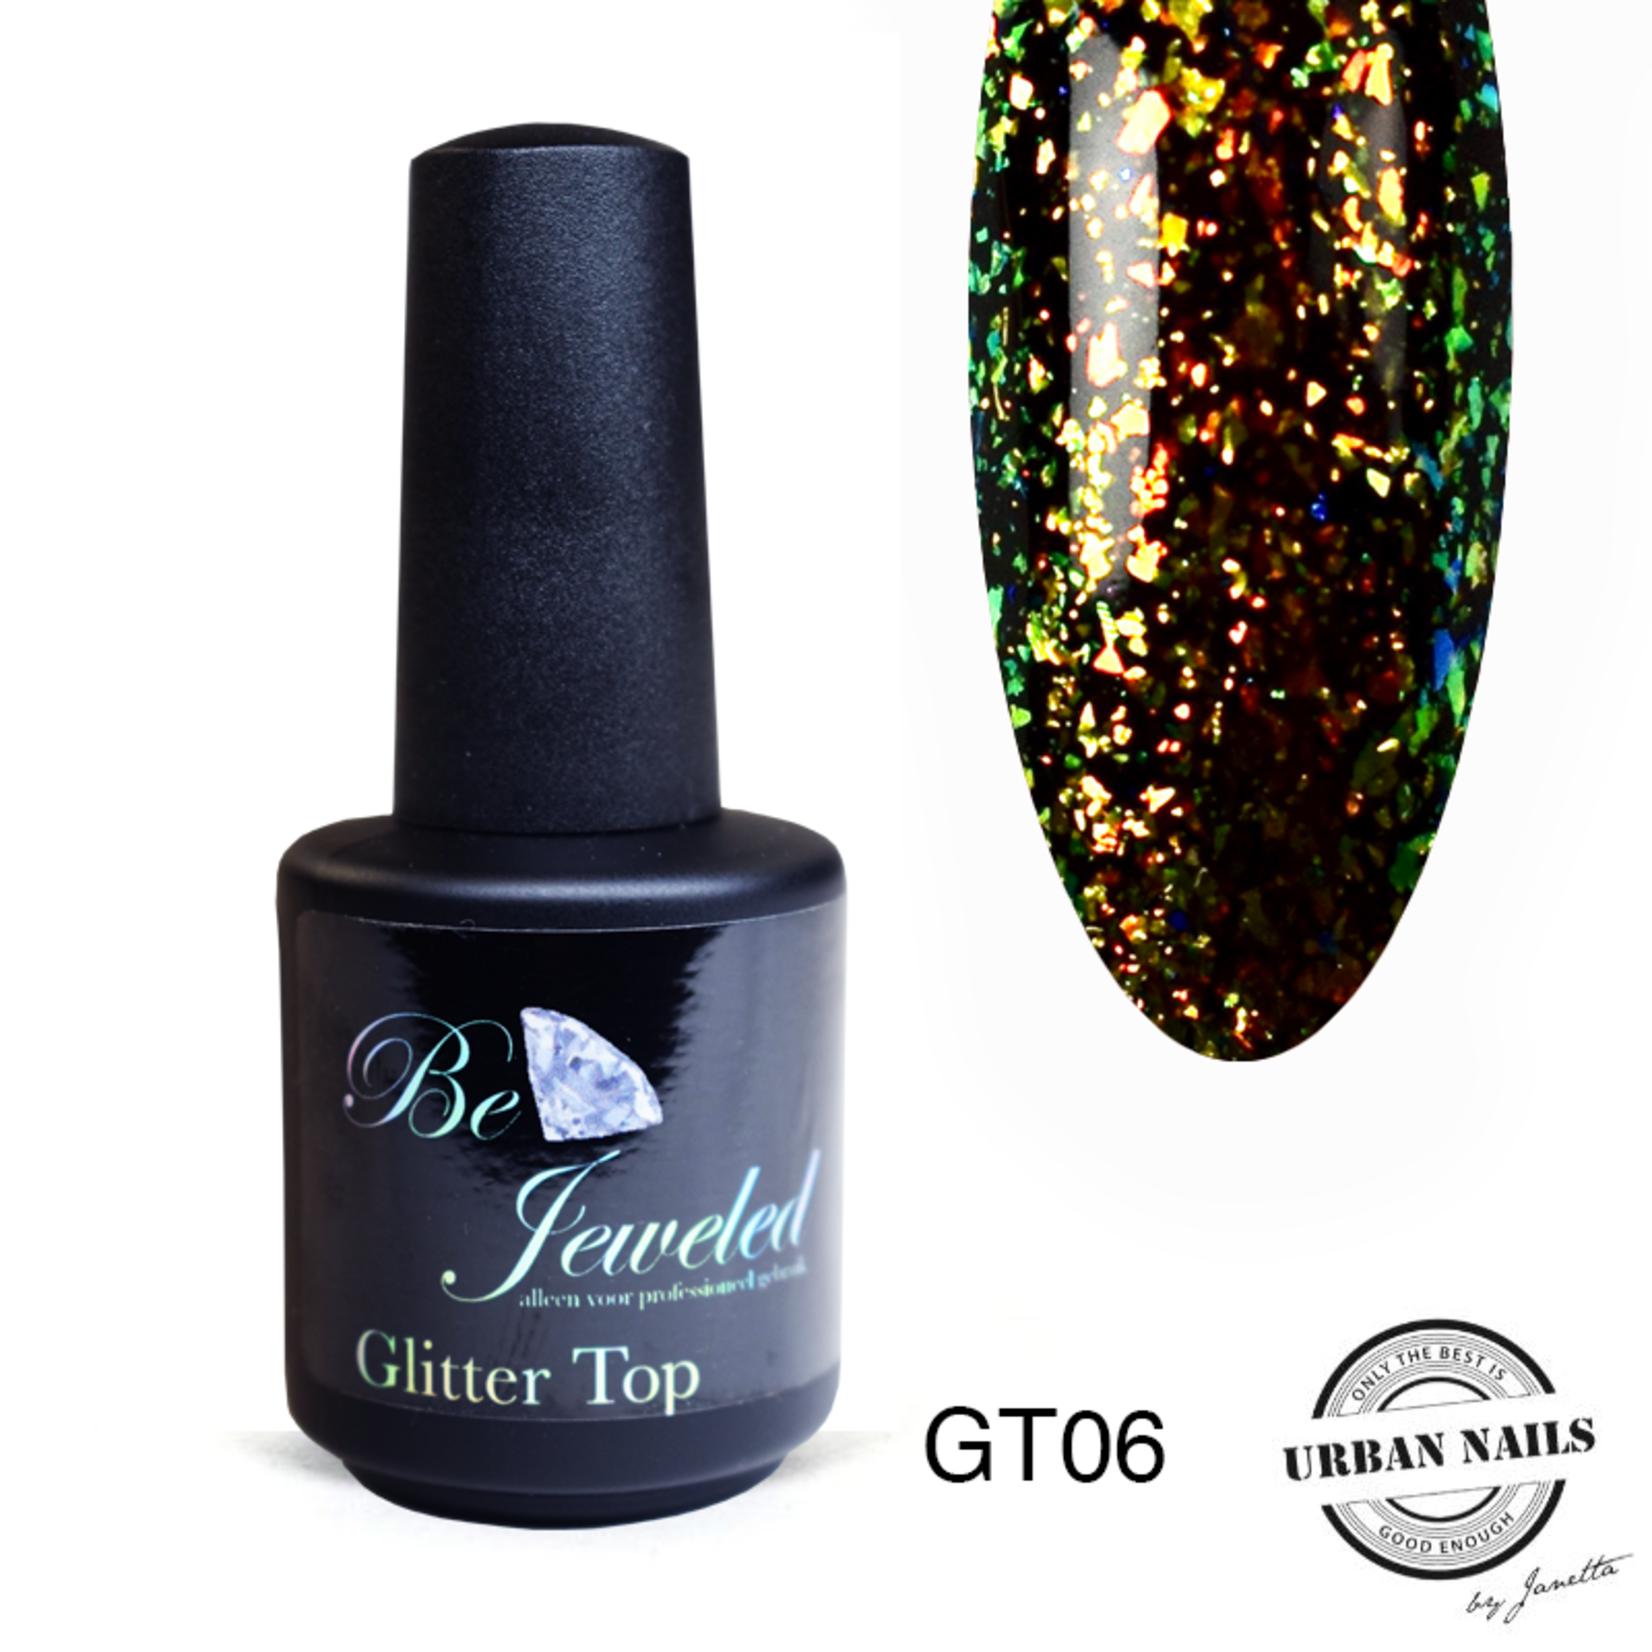 Urban Nails Glitter top gel 6